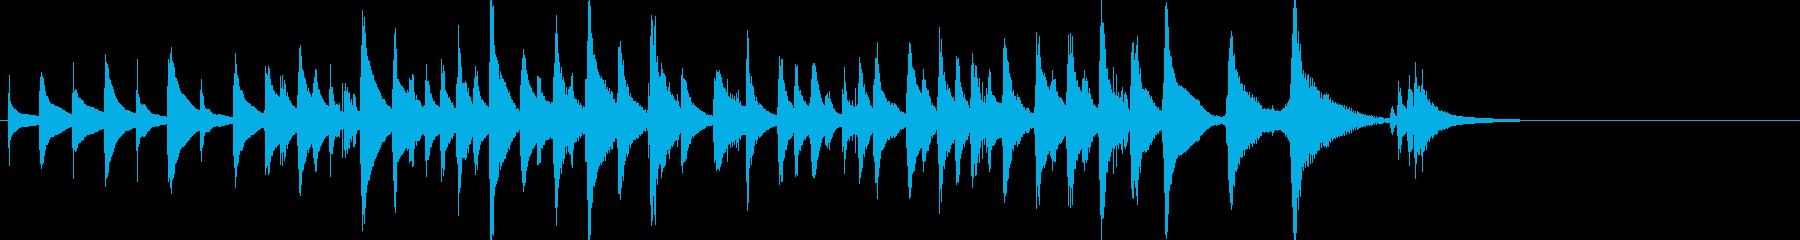 短縮版】コミカルで可愛らしい雰囲気の木琴の再生済みの波形